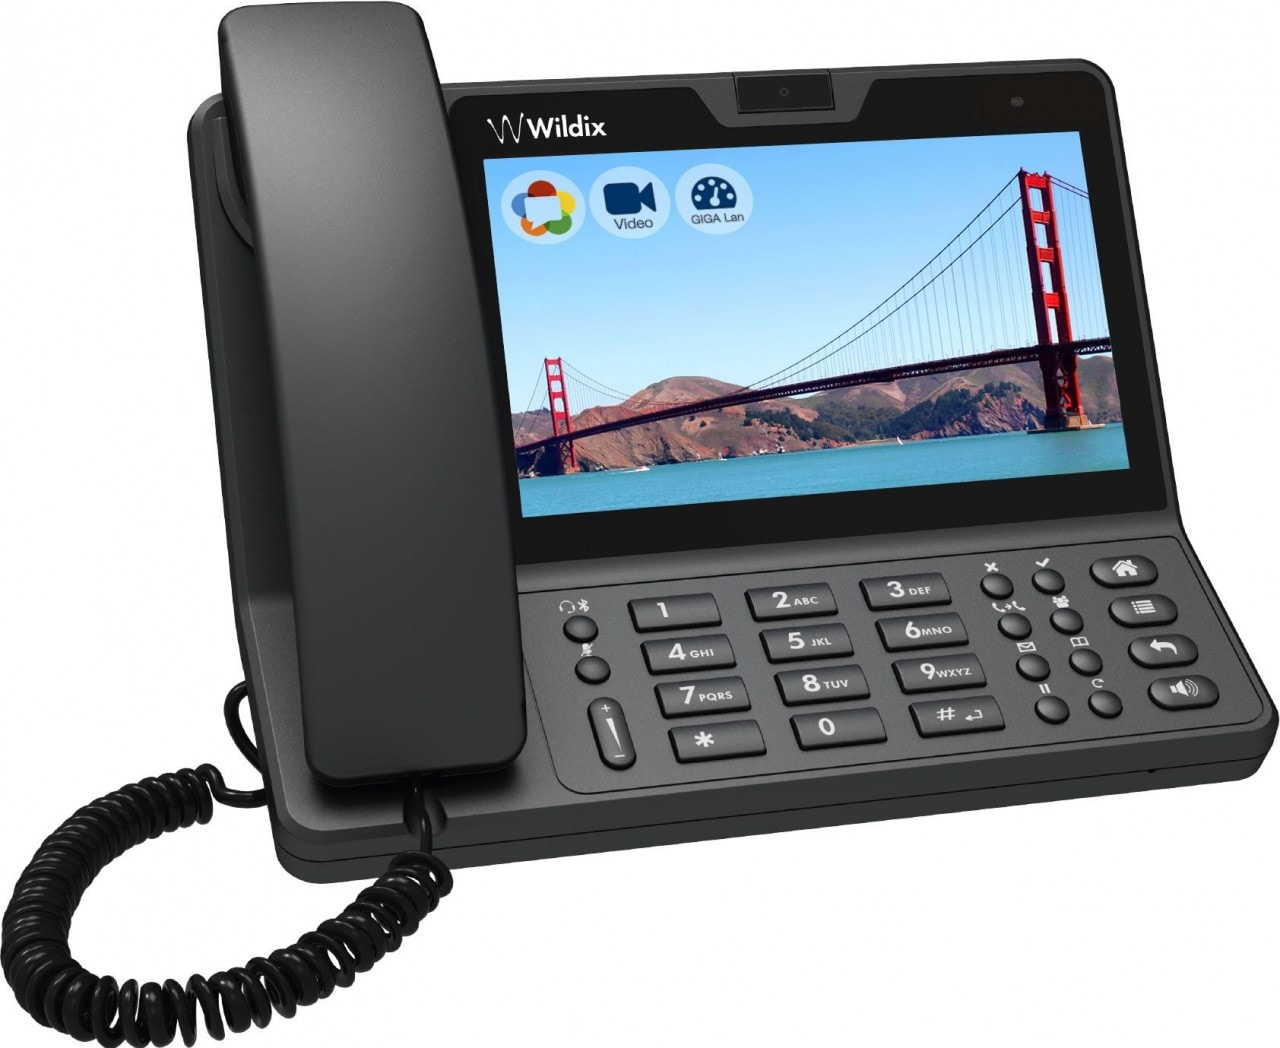 Wildix WP600ACG - 3